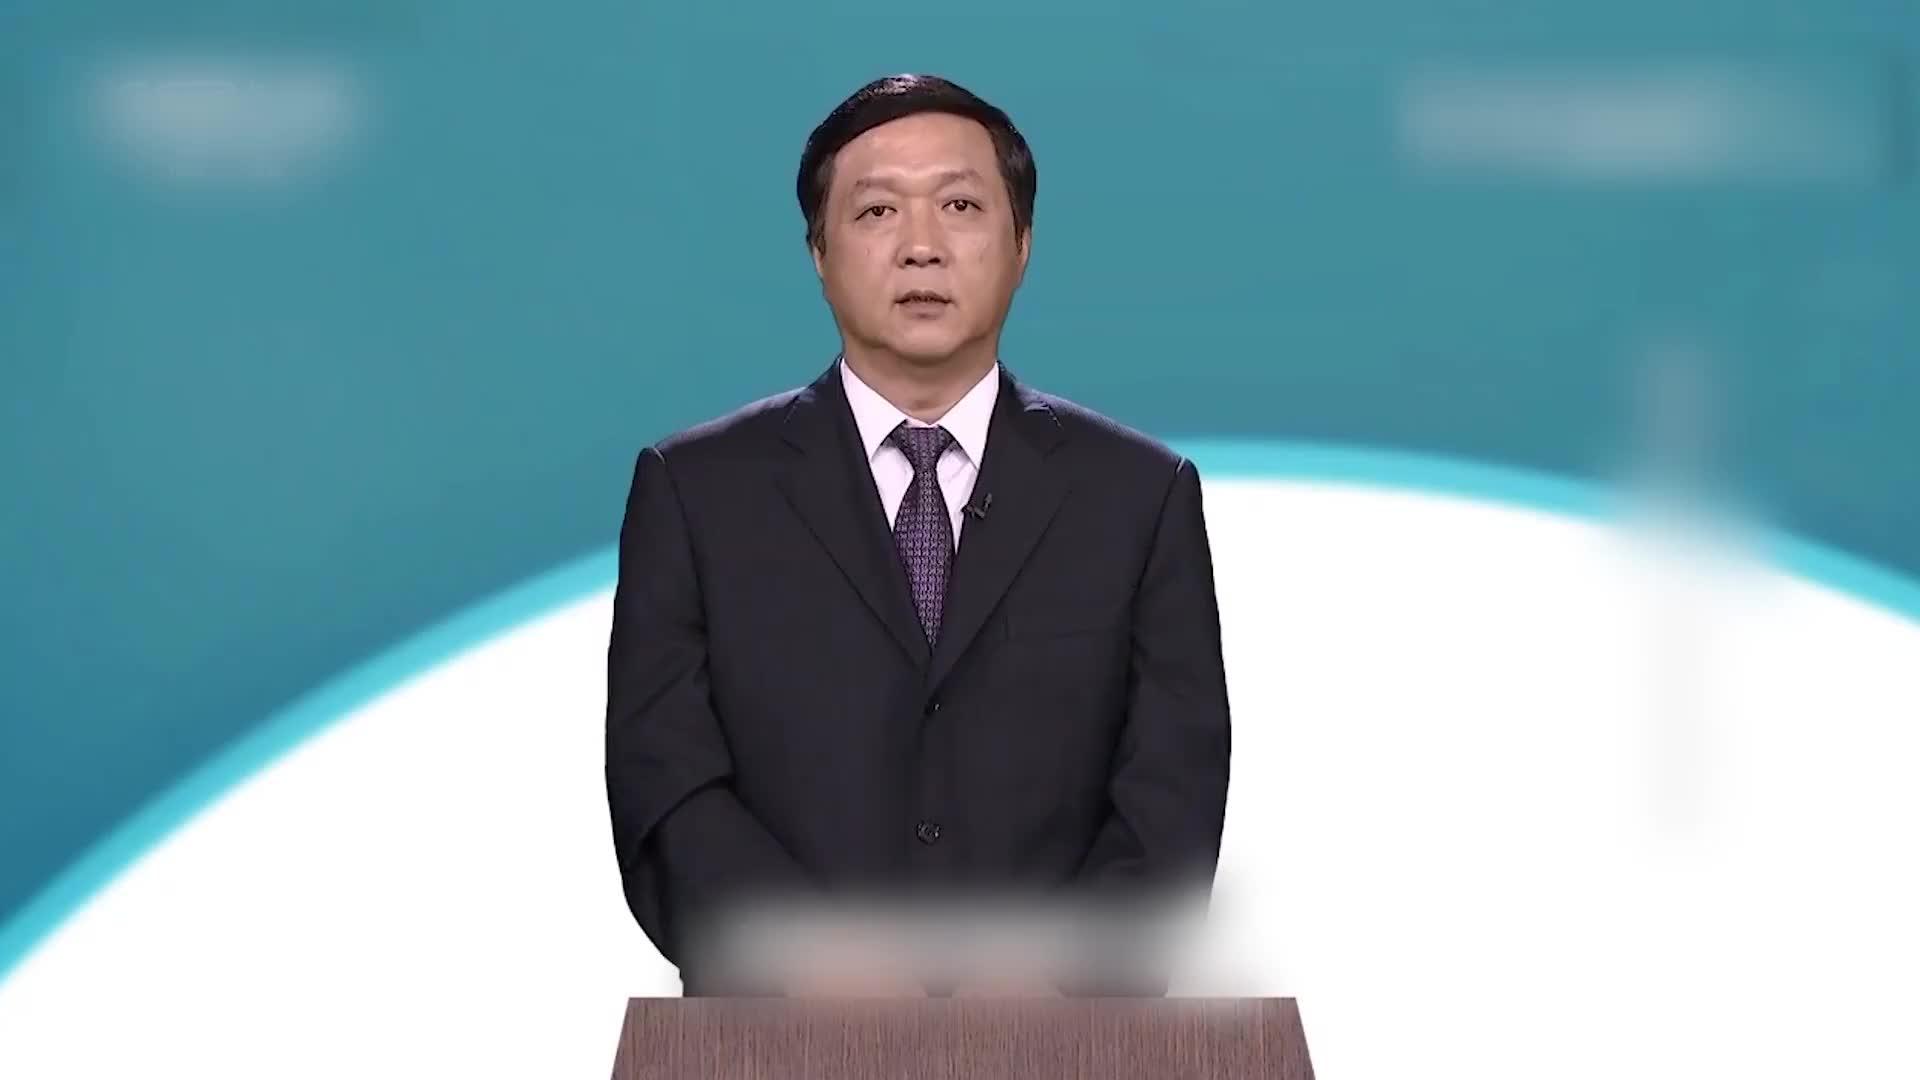 [视频]一项世界独创、拥有很多绝招 总师杨伟揭秘歼-20到底有多强?